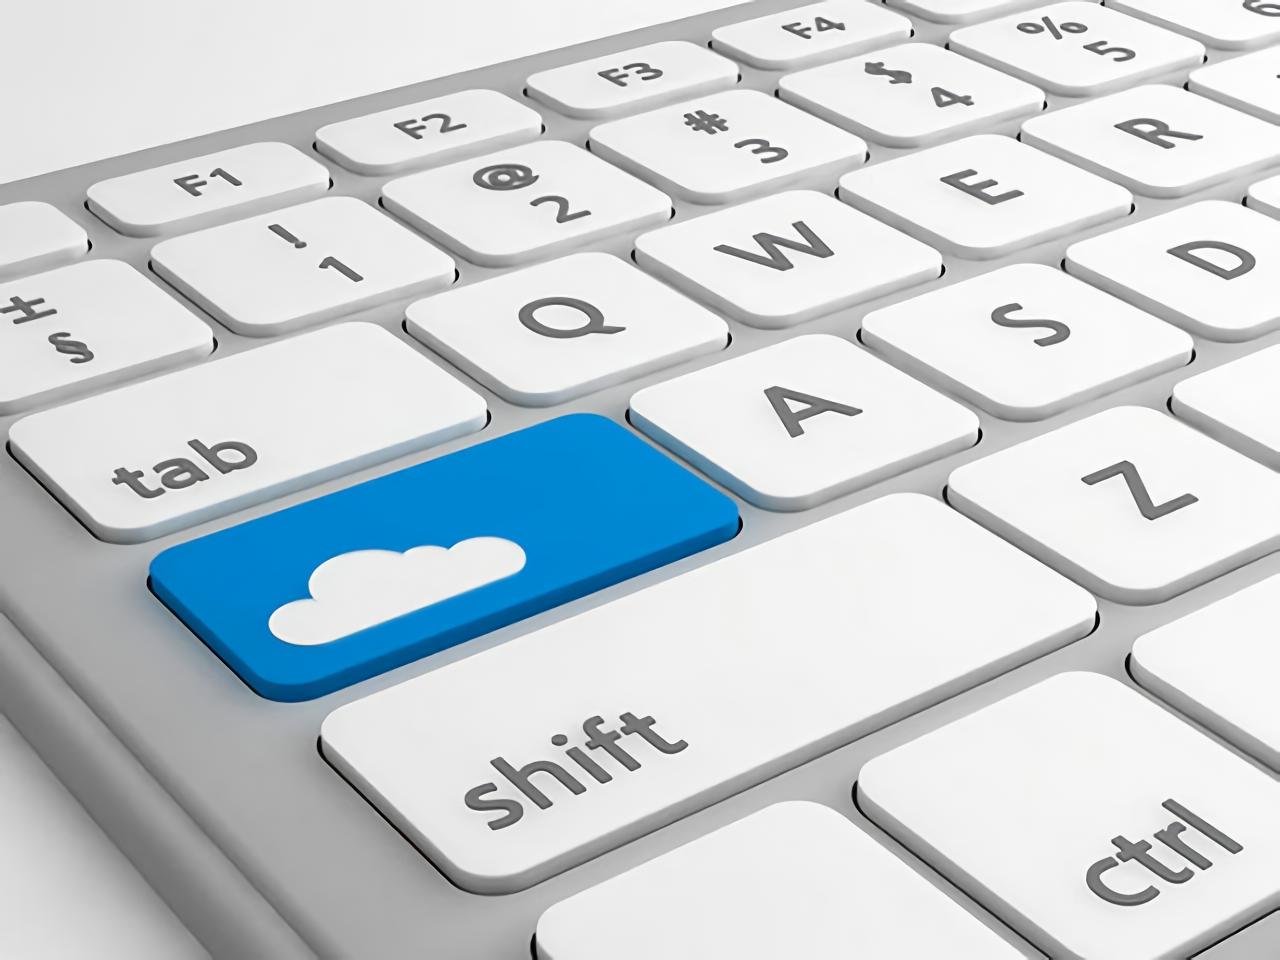 オクト、クラウド型建設プロジェクト管理ツールに気象データを活用